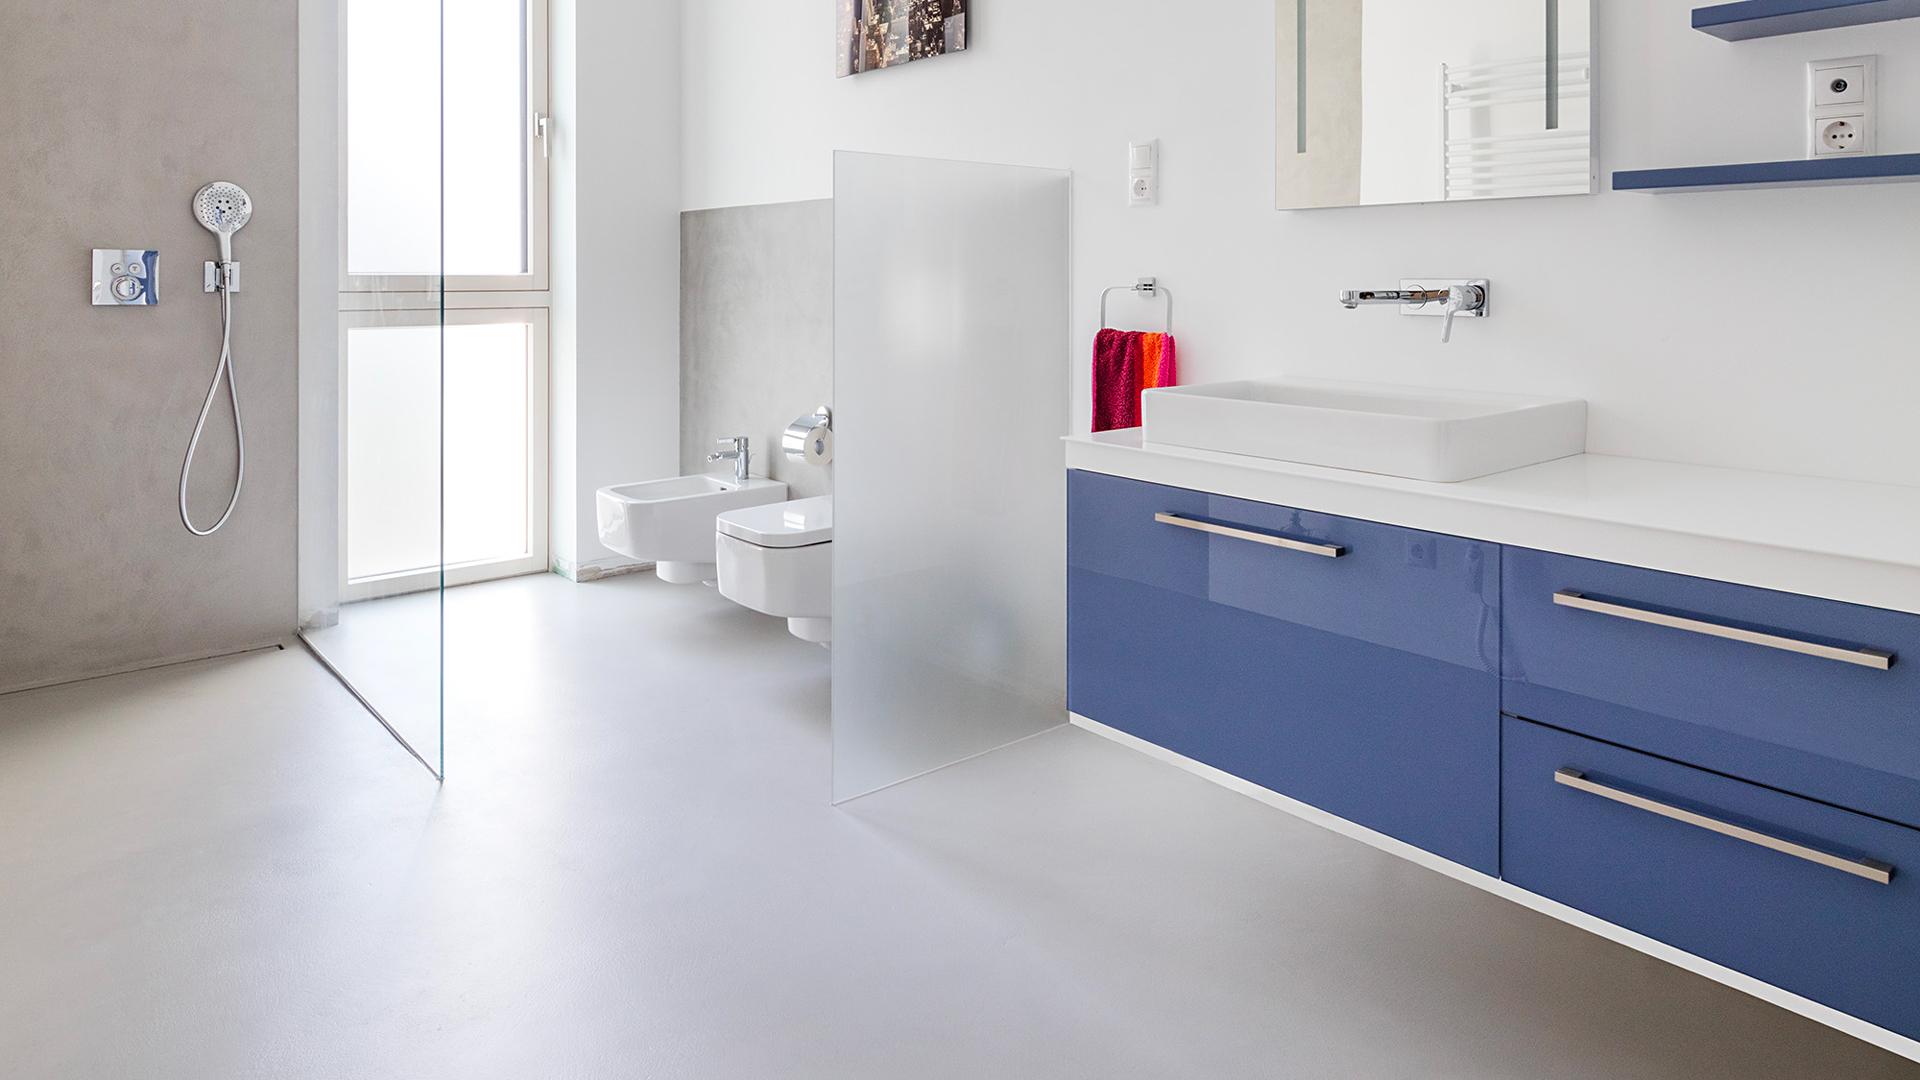 Bagno moderno senza piastrelle con Microcemento